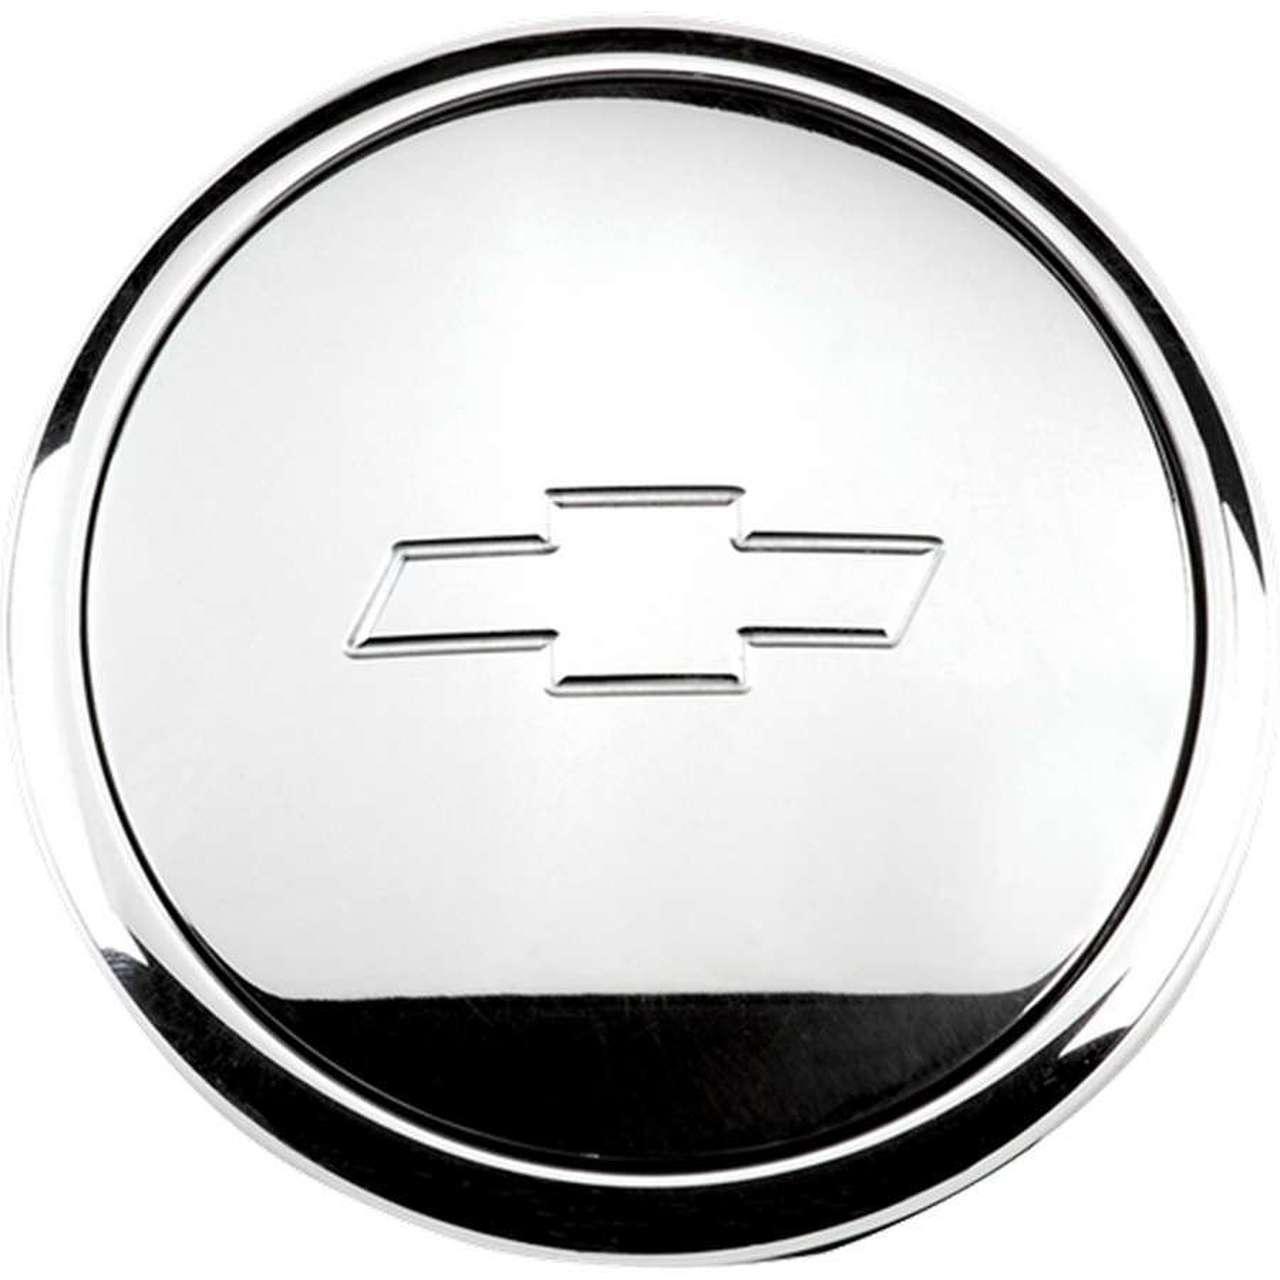 Bowtie Logo Standard Horn Button BSP32320.